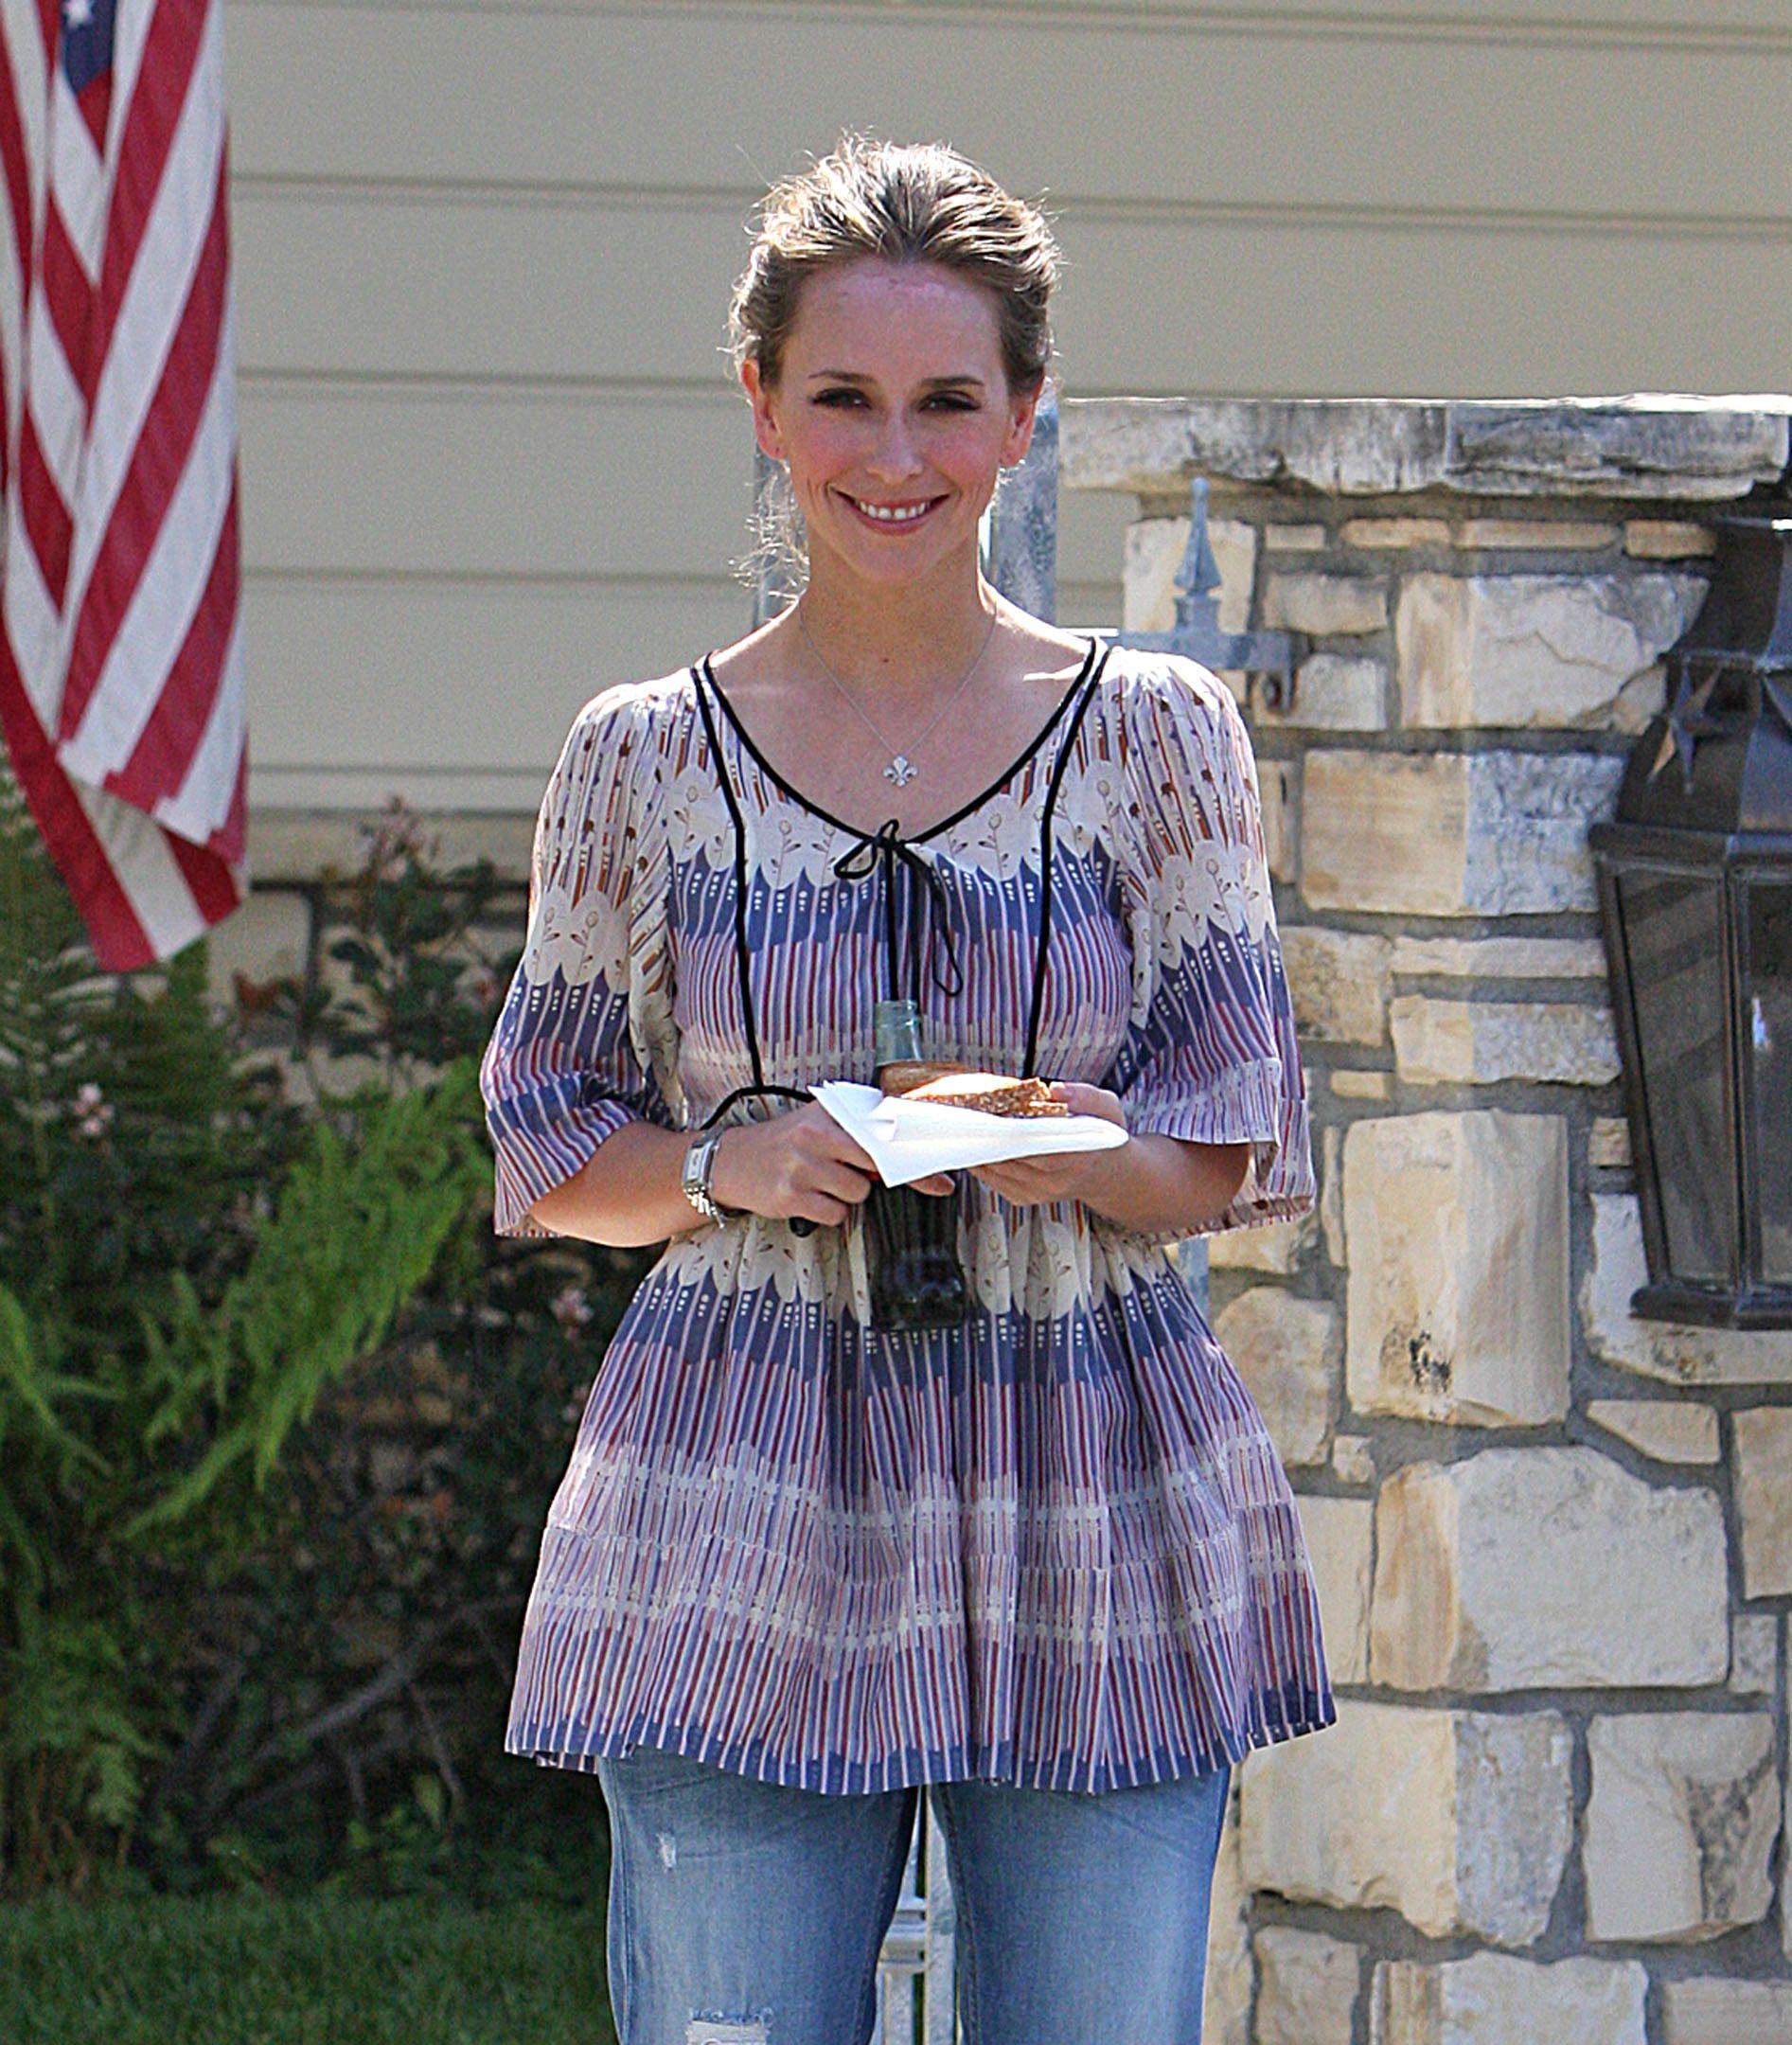 95718_Jennifer_Love_Hewitt_leaves_a_friends_house_in_Los_Angeles_20090327_05_122_398lo.jpg